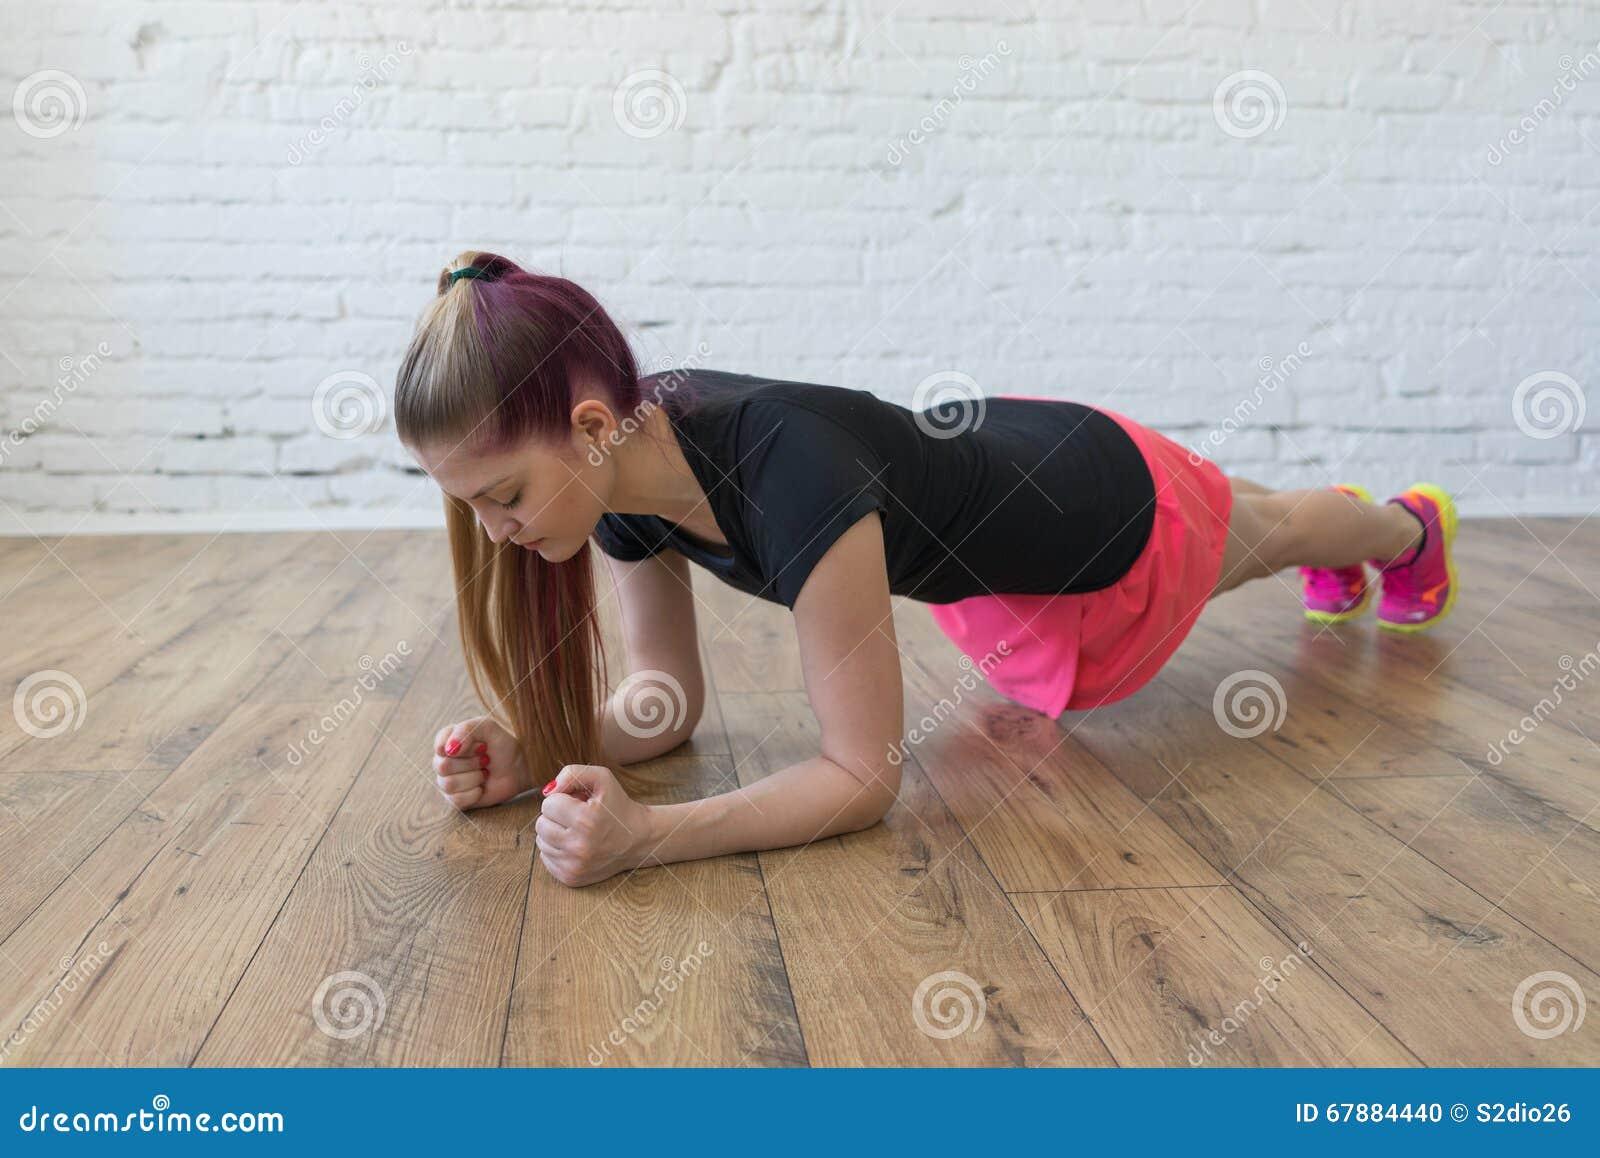 做健身顶楼内部木地板的美丽的女孩